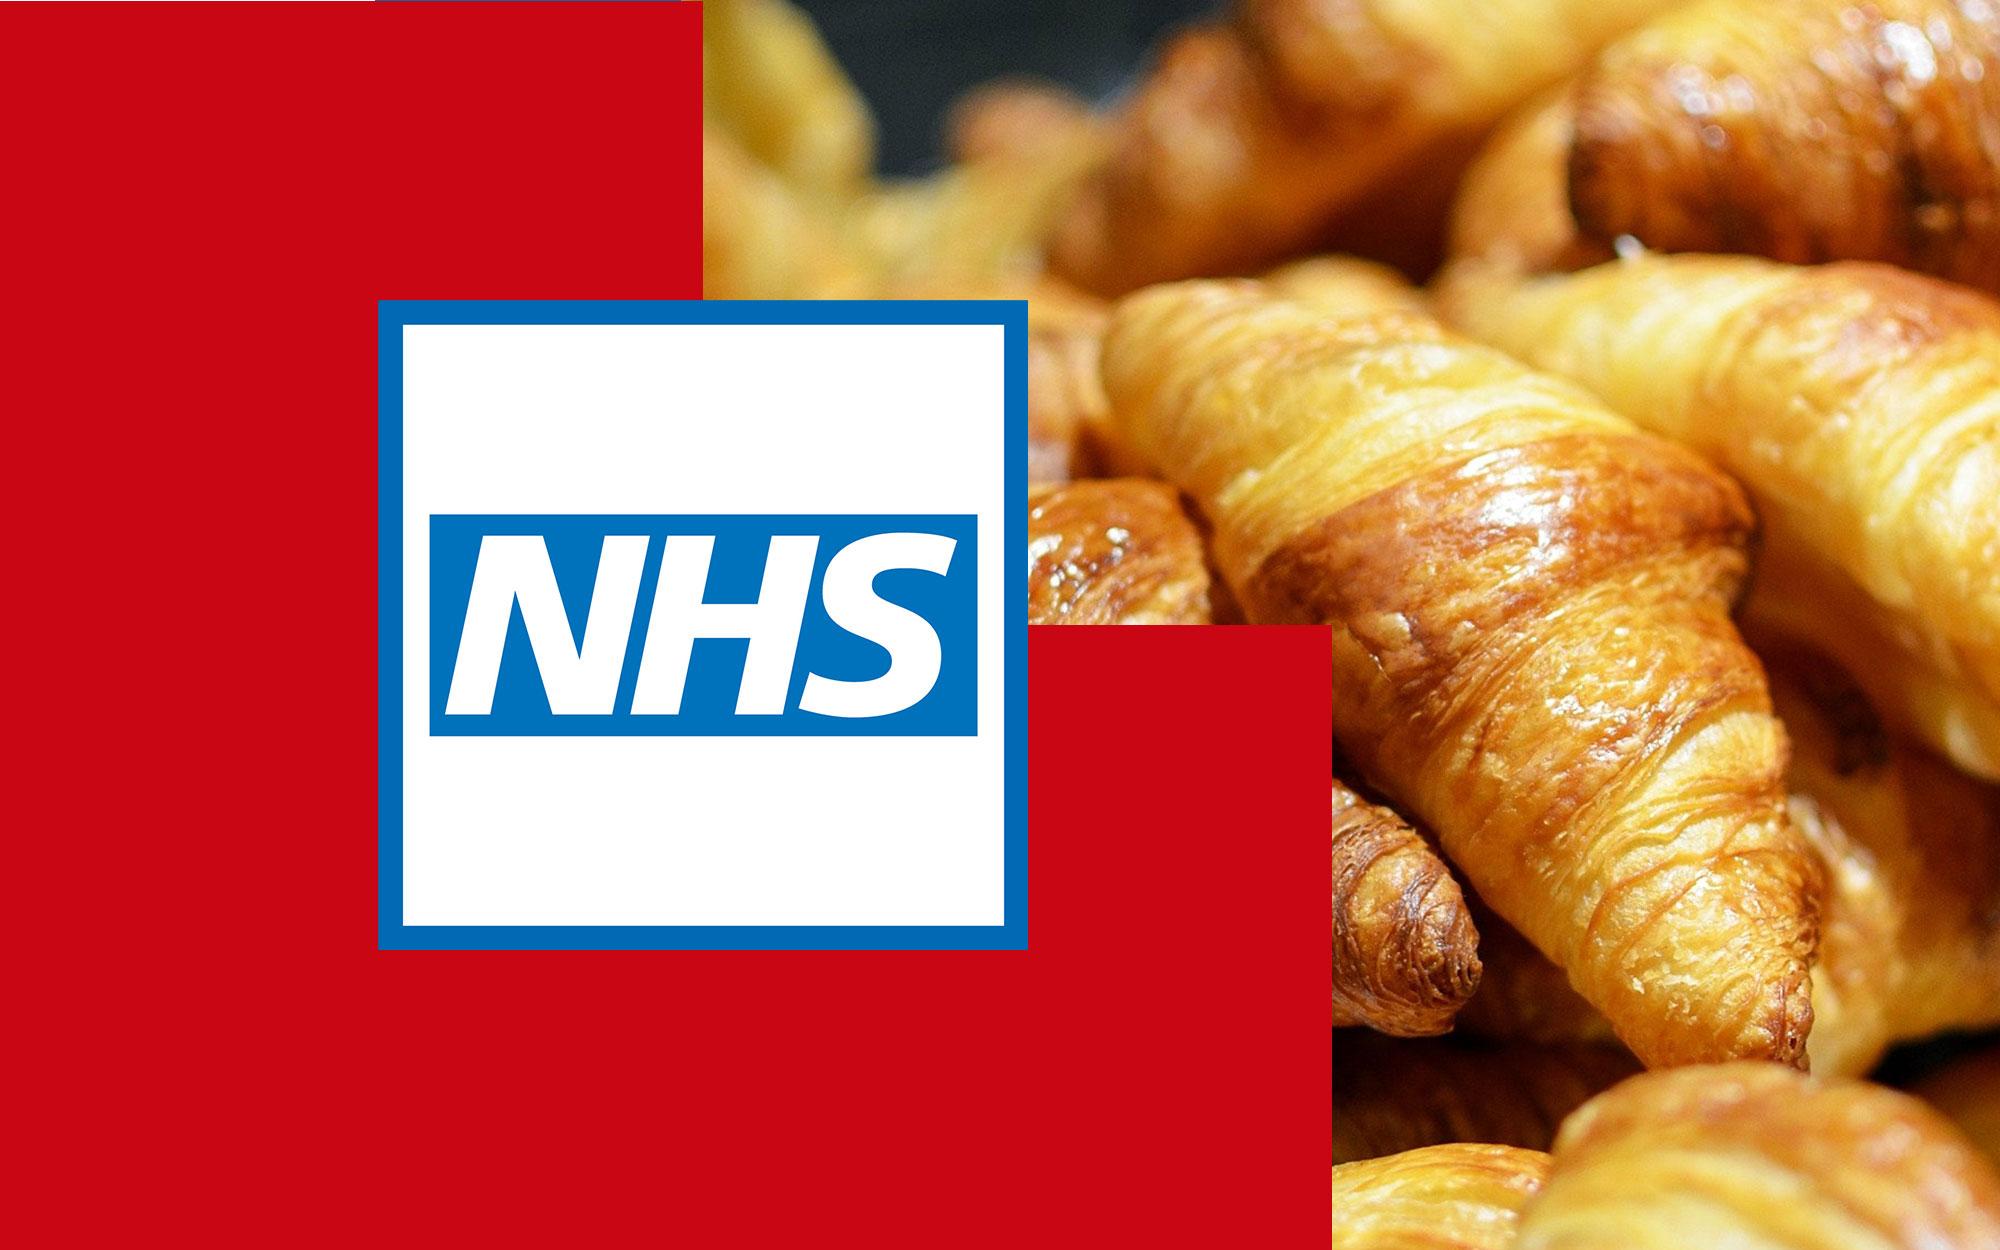 NHS Food supply